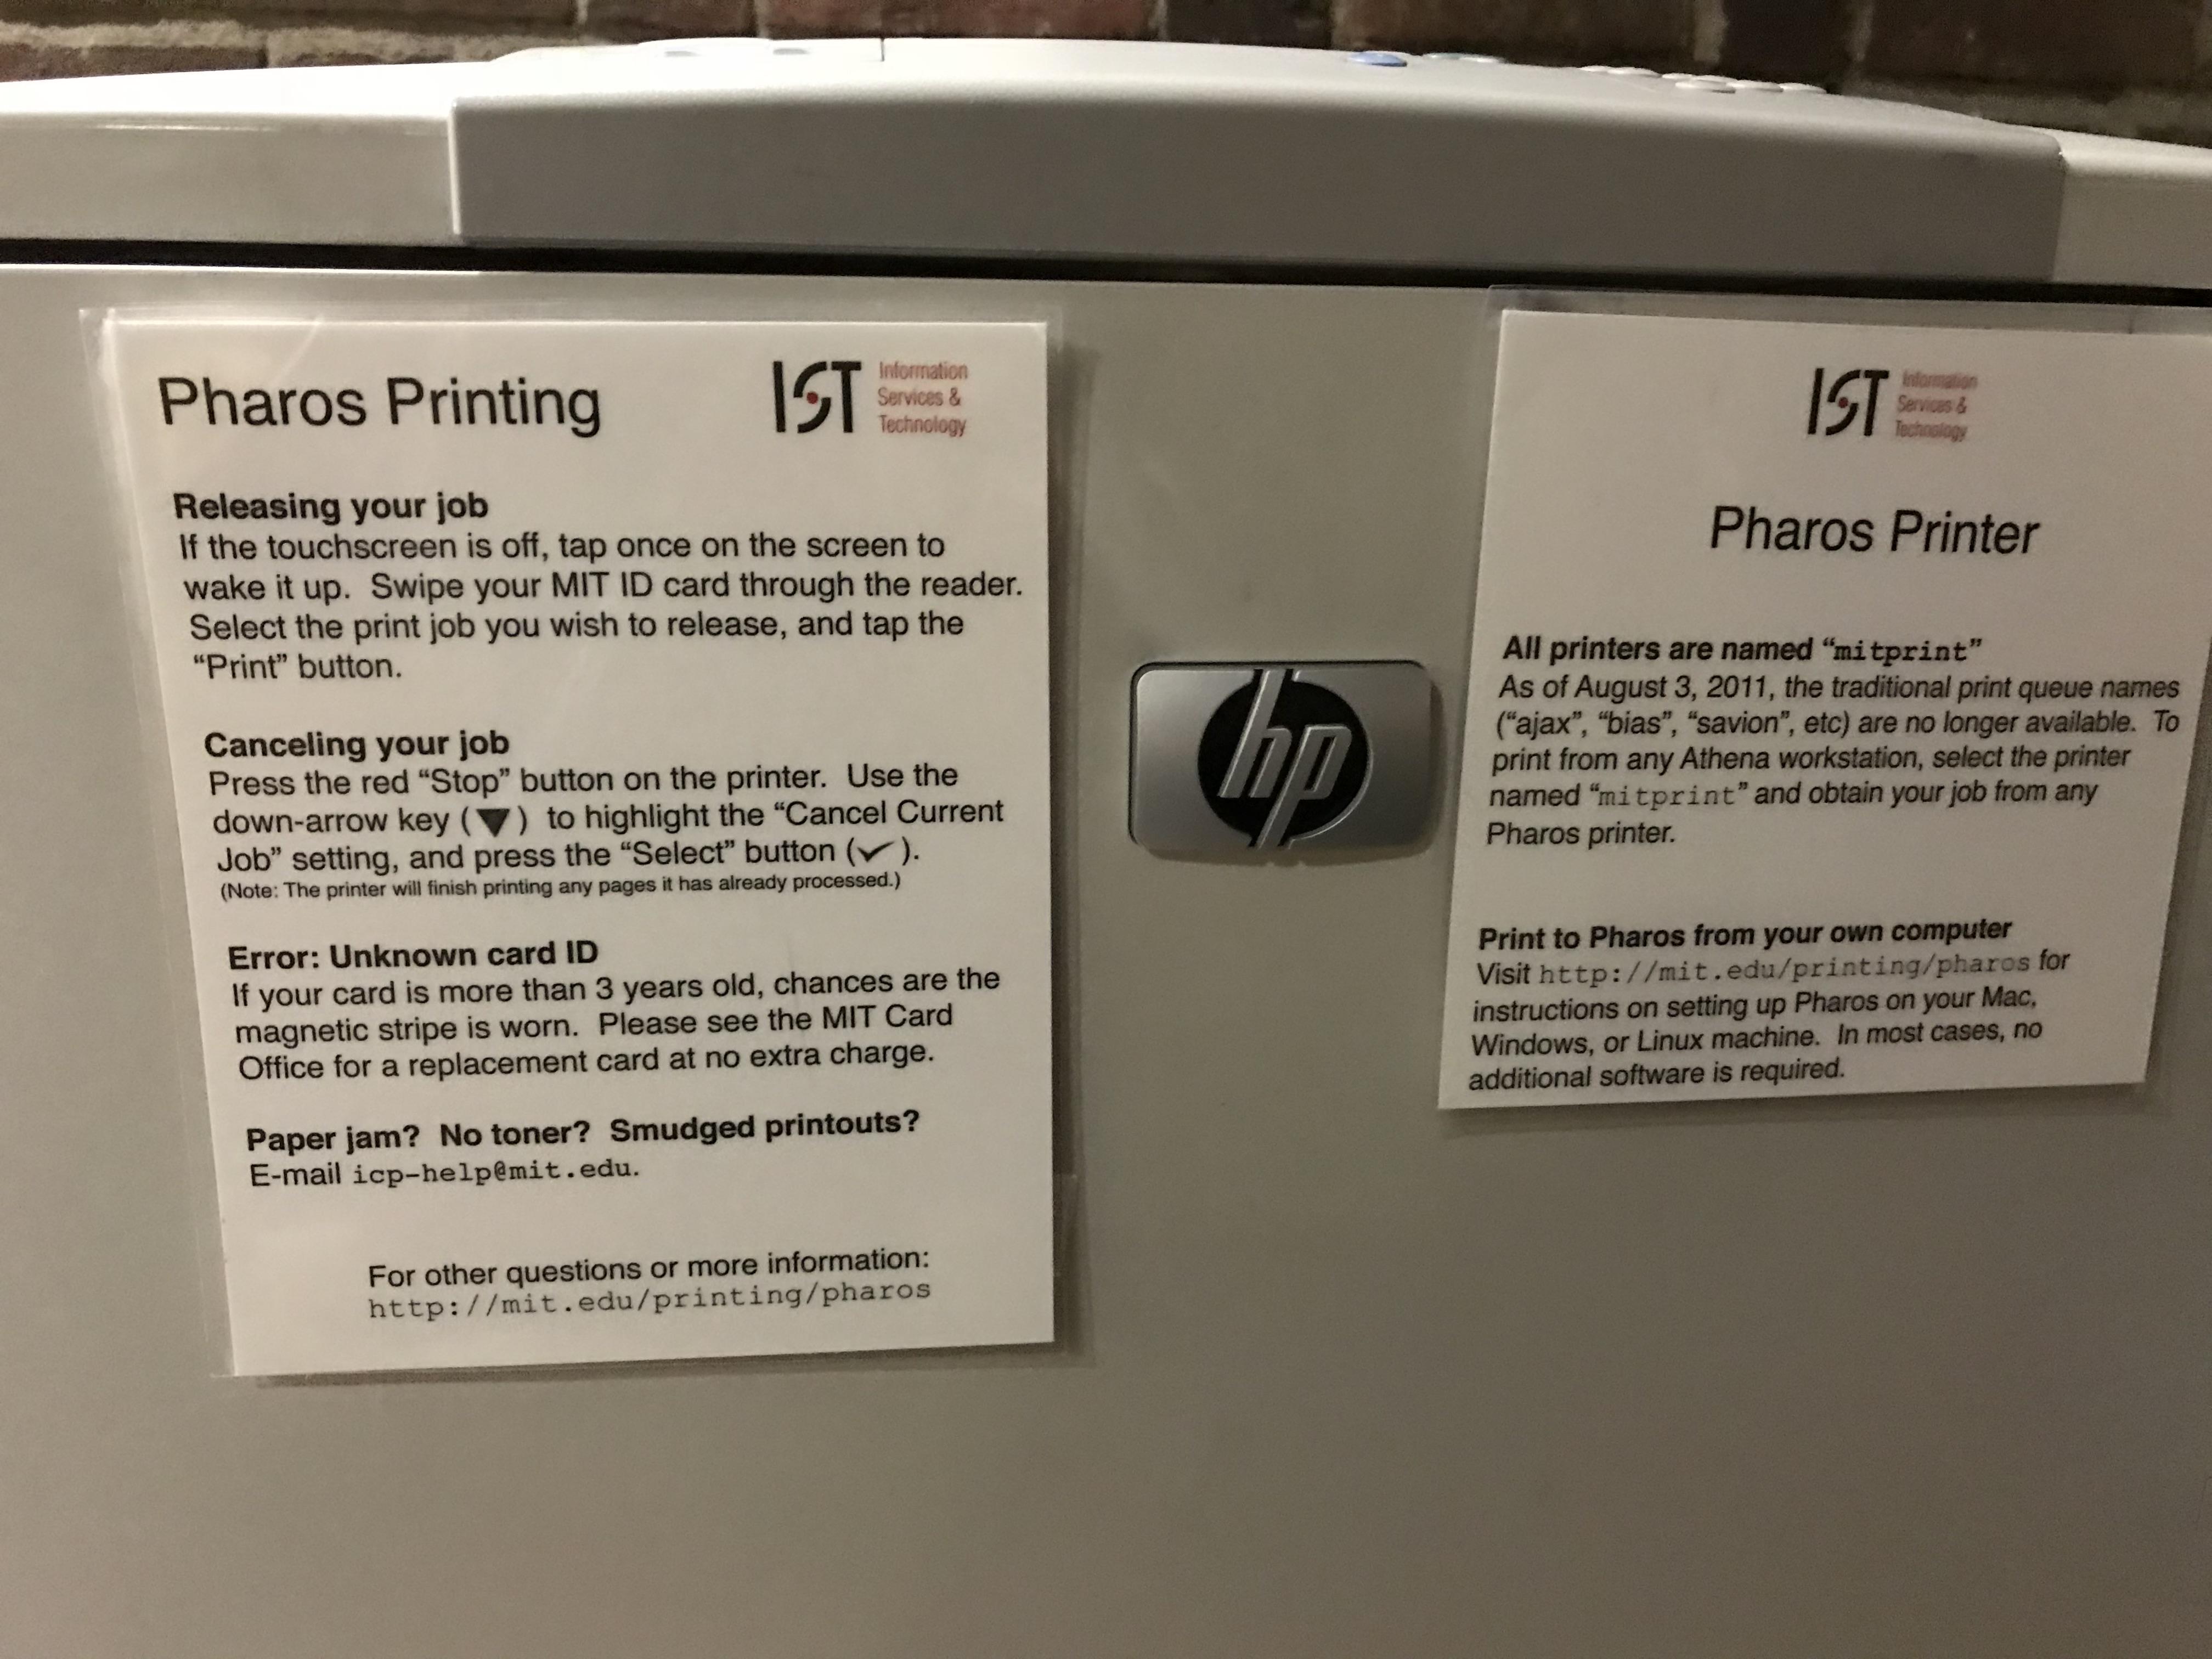 Pharos Printing